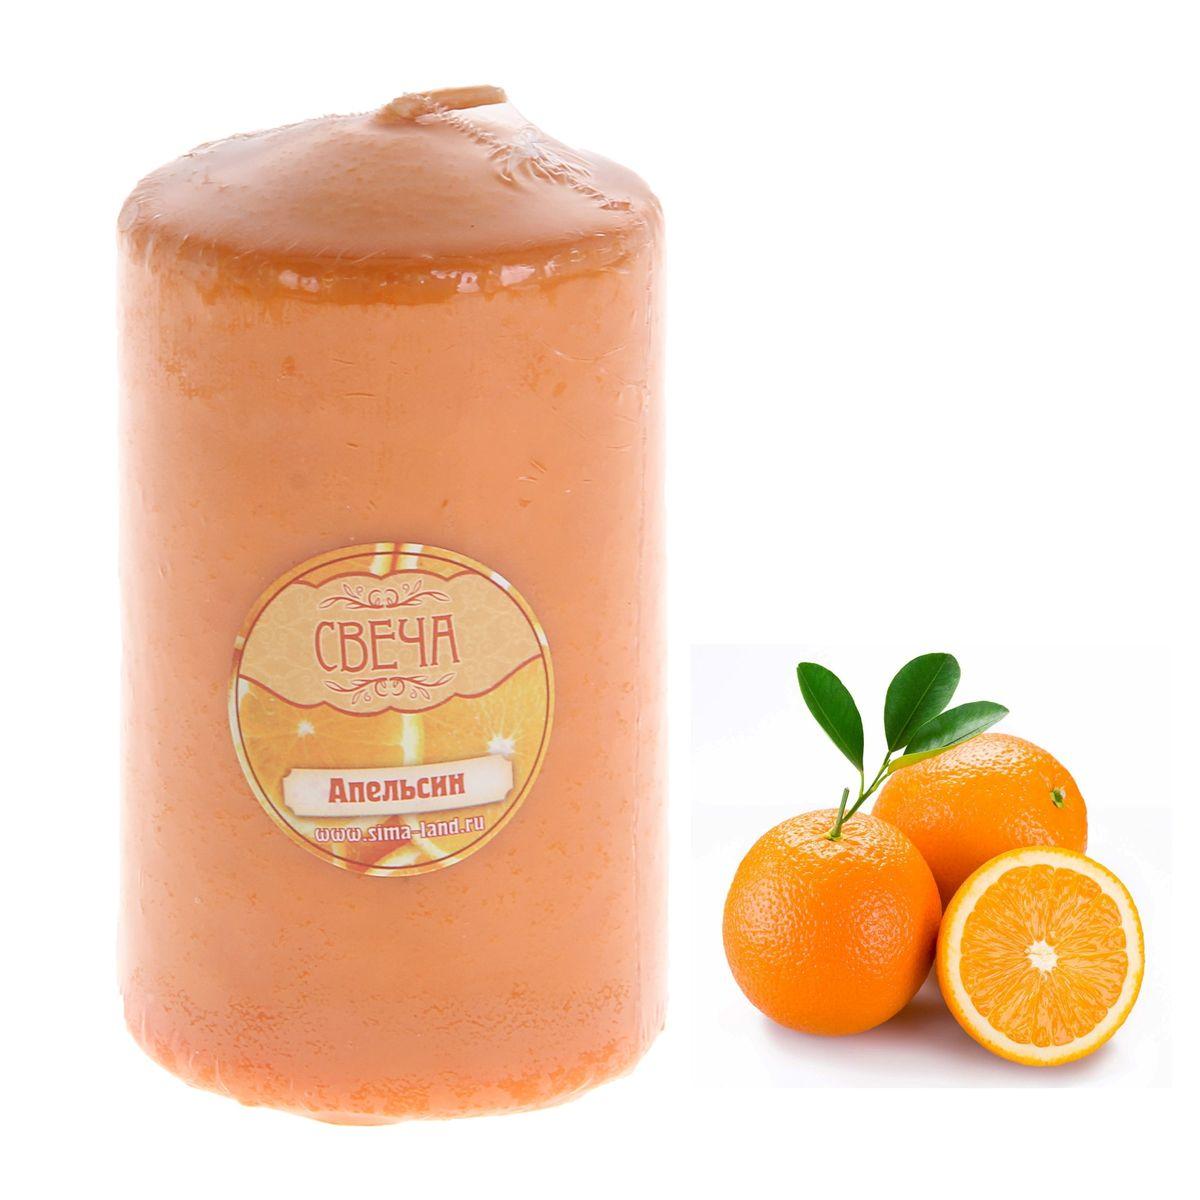 Свеча ароматизированная Sima-land Апельсин, цвет: оранжевый, высота 10 см300074_ежевикаАроматизированная свеча Sima-land Апельсин изготовлена из воска в виде столбика. Изделие отличается ярким дизайном и приятным ароматом апельсина.Создайте для себя и своих близких незабываемую атмосферу праздника в доме. Такая свеча может стать отличным подарком или дополнить интерьер вашей комнаты.